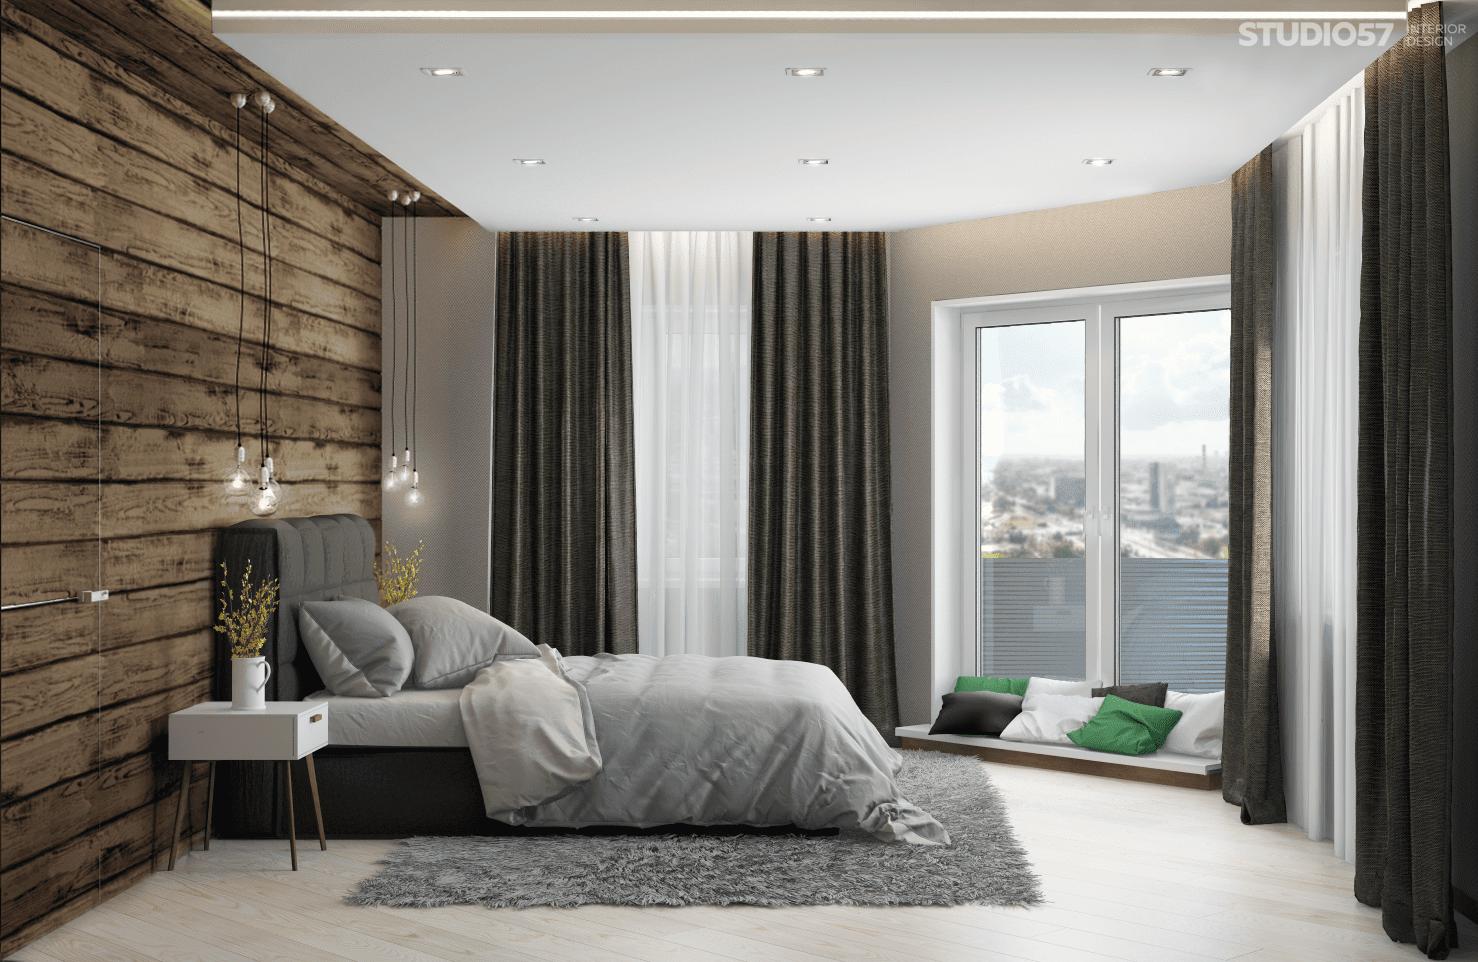 Интерьер спальни в стиле эко